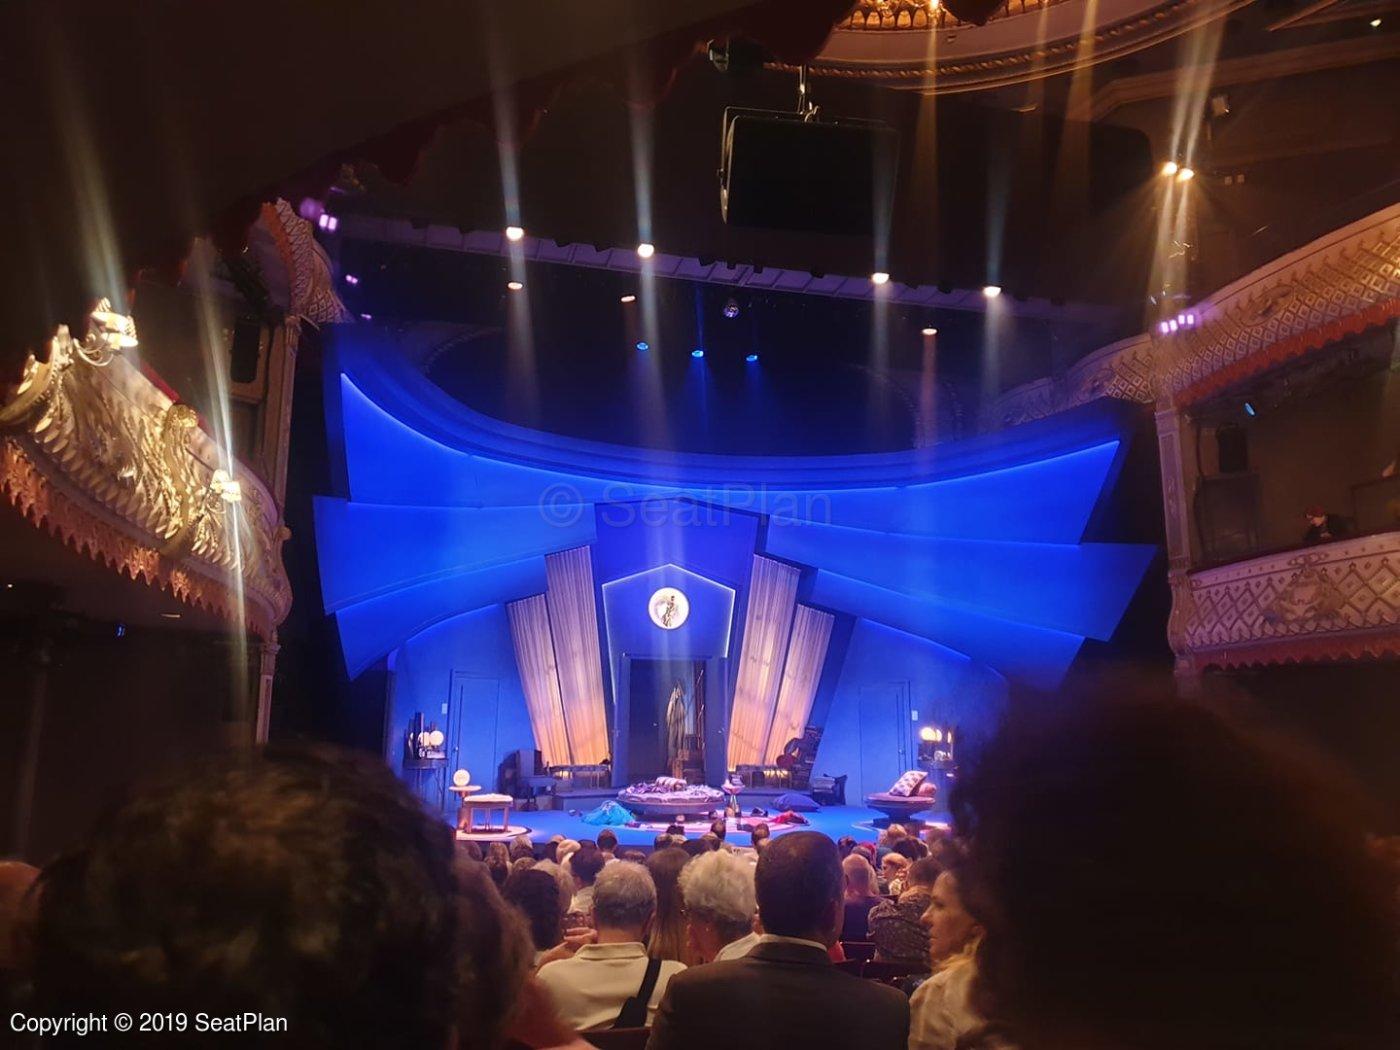 Old Vic Theatre London Seating Plan & Reviews   SeatPlan